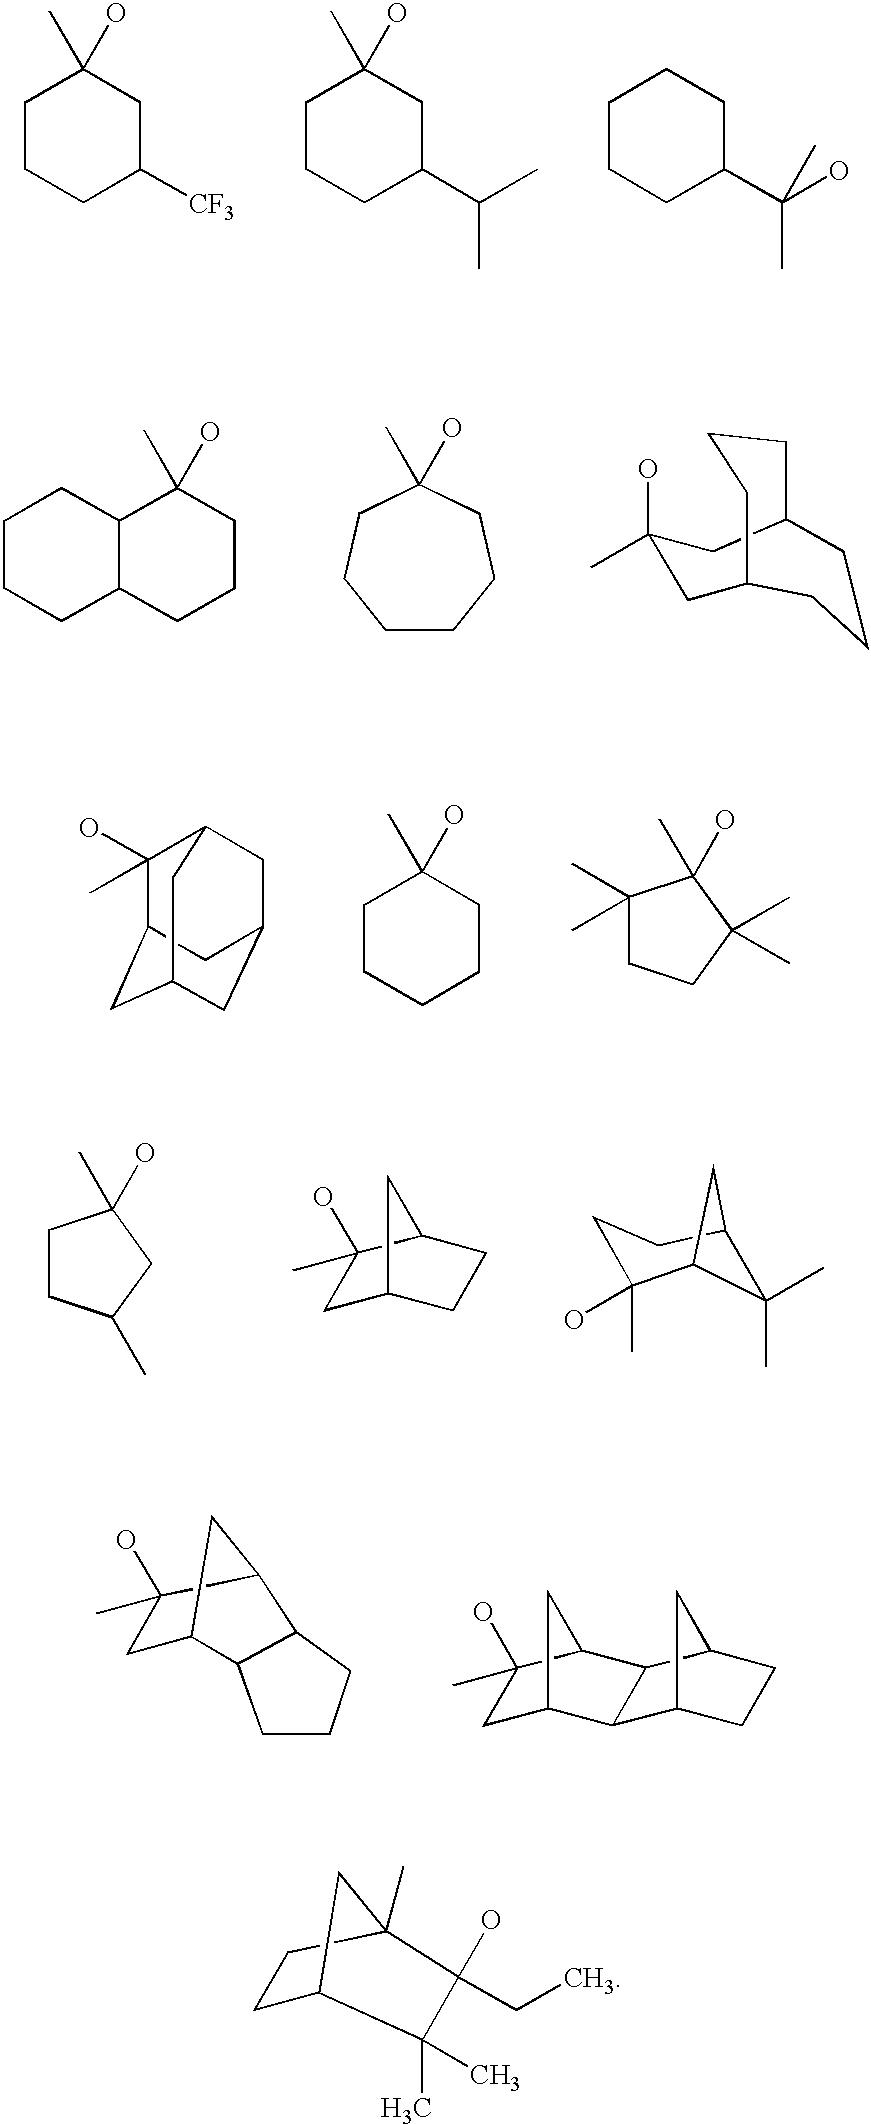 Figure US06692888-20040217-C00018